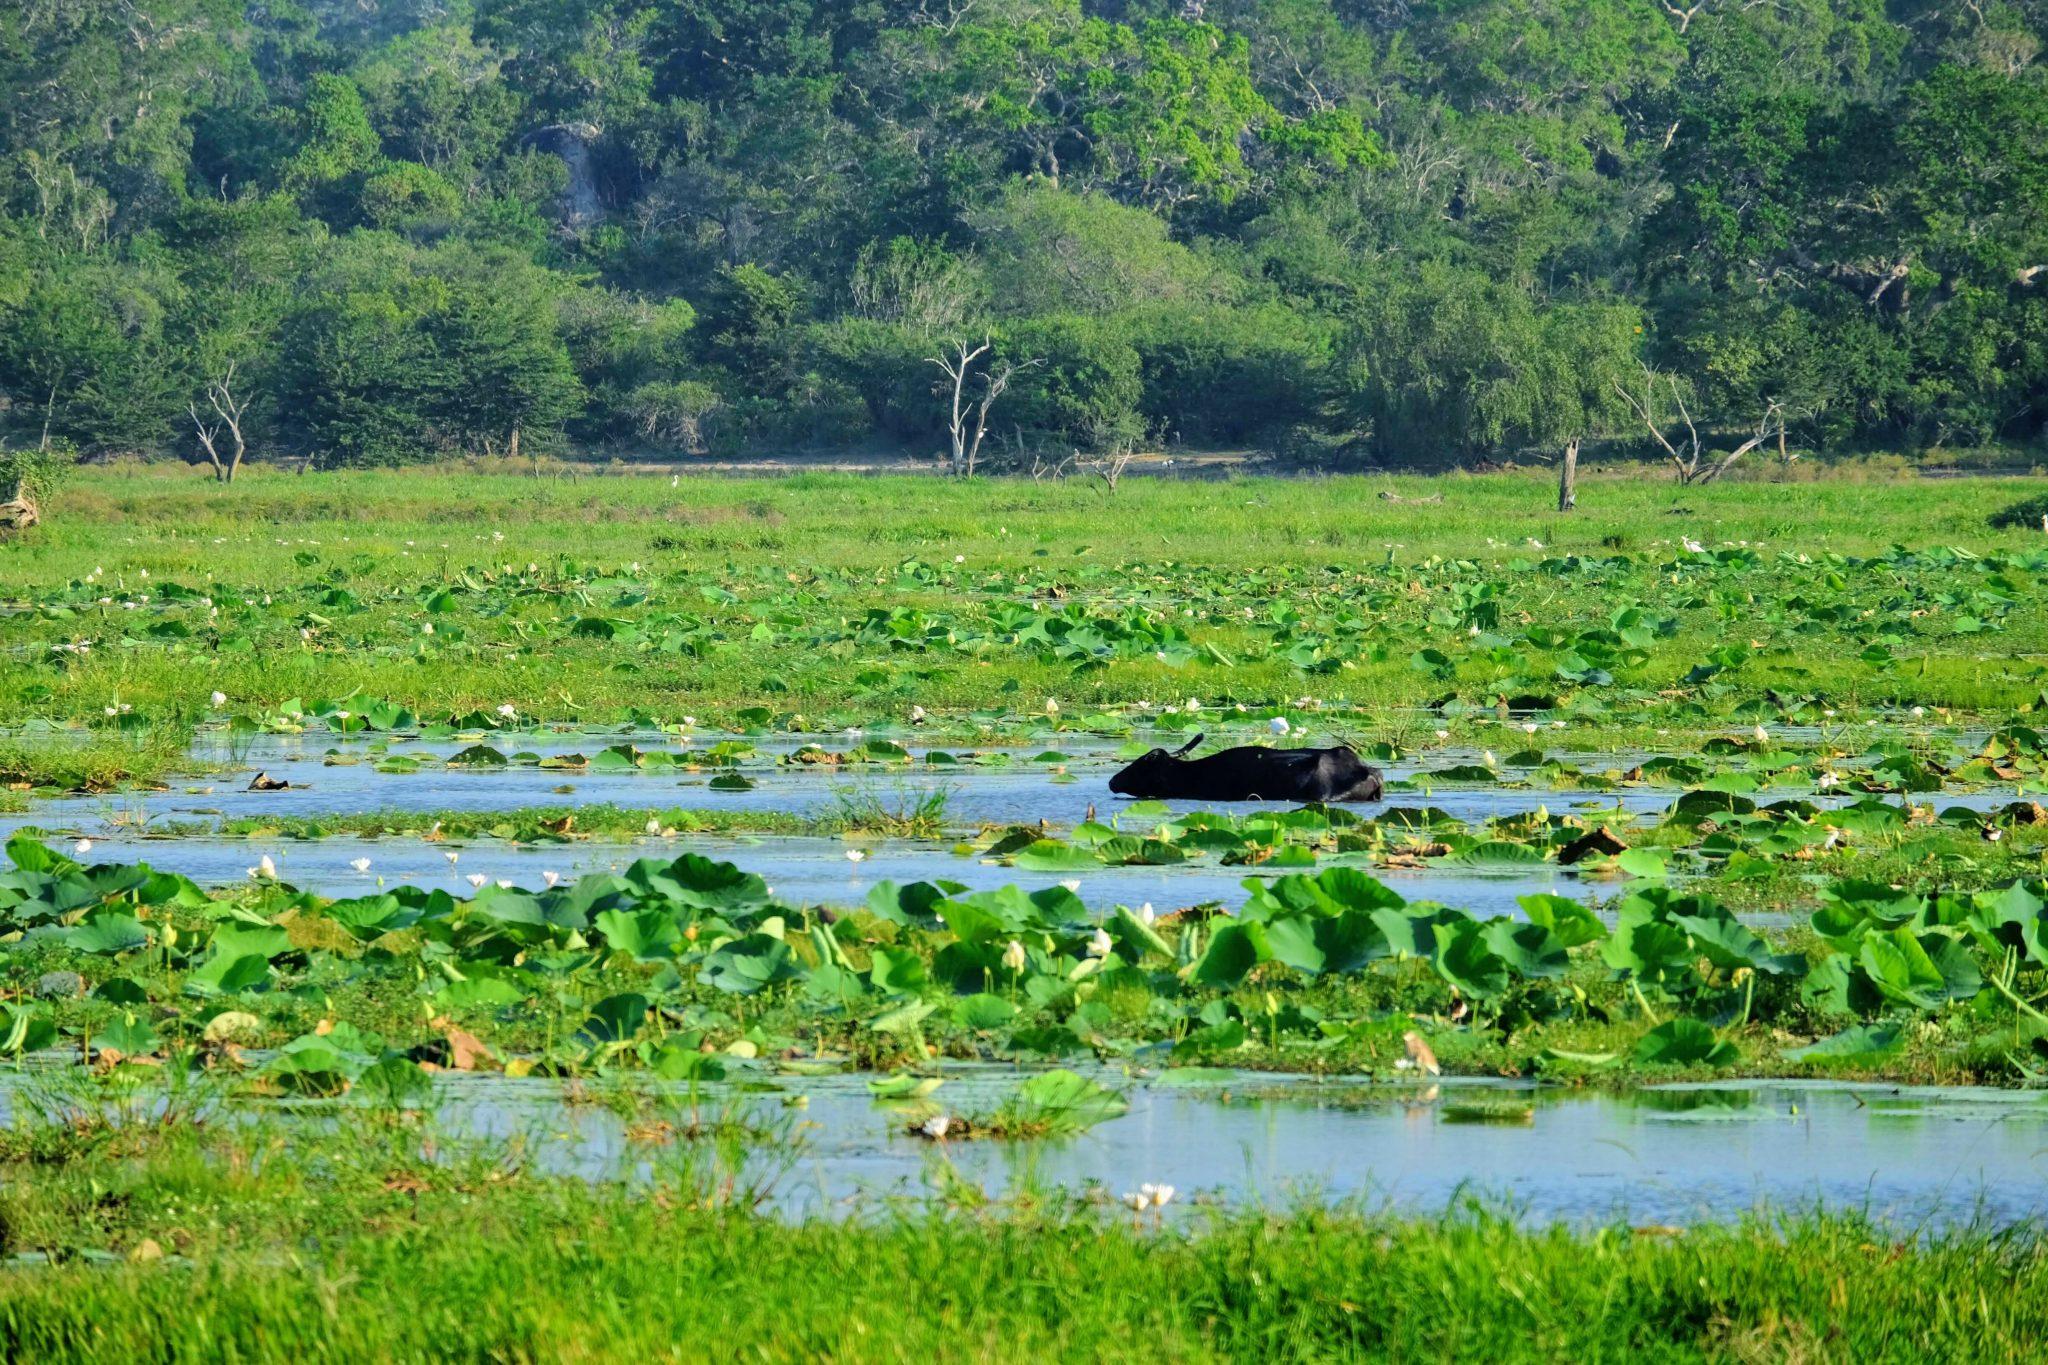 Buffalo, Yala National Park, Sri Lanka